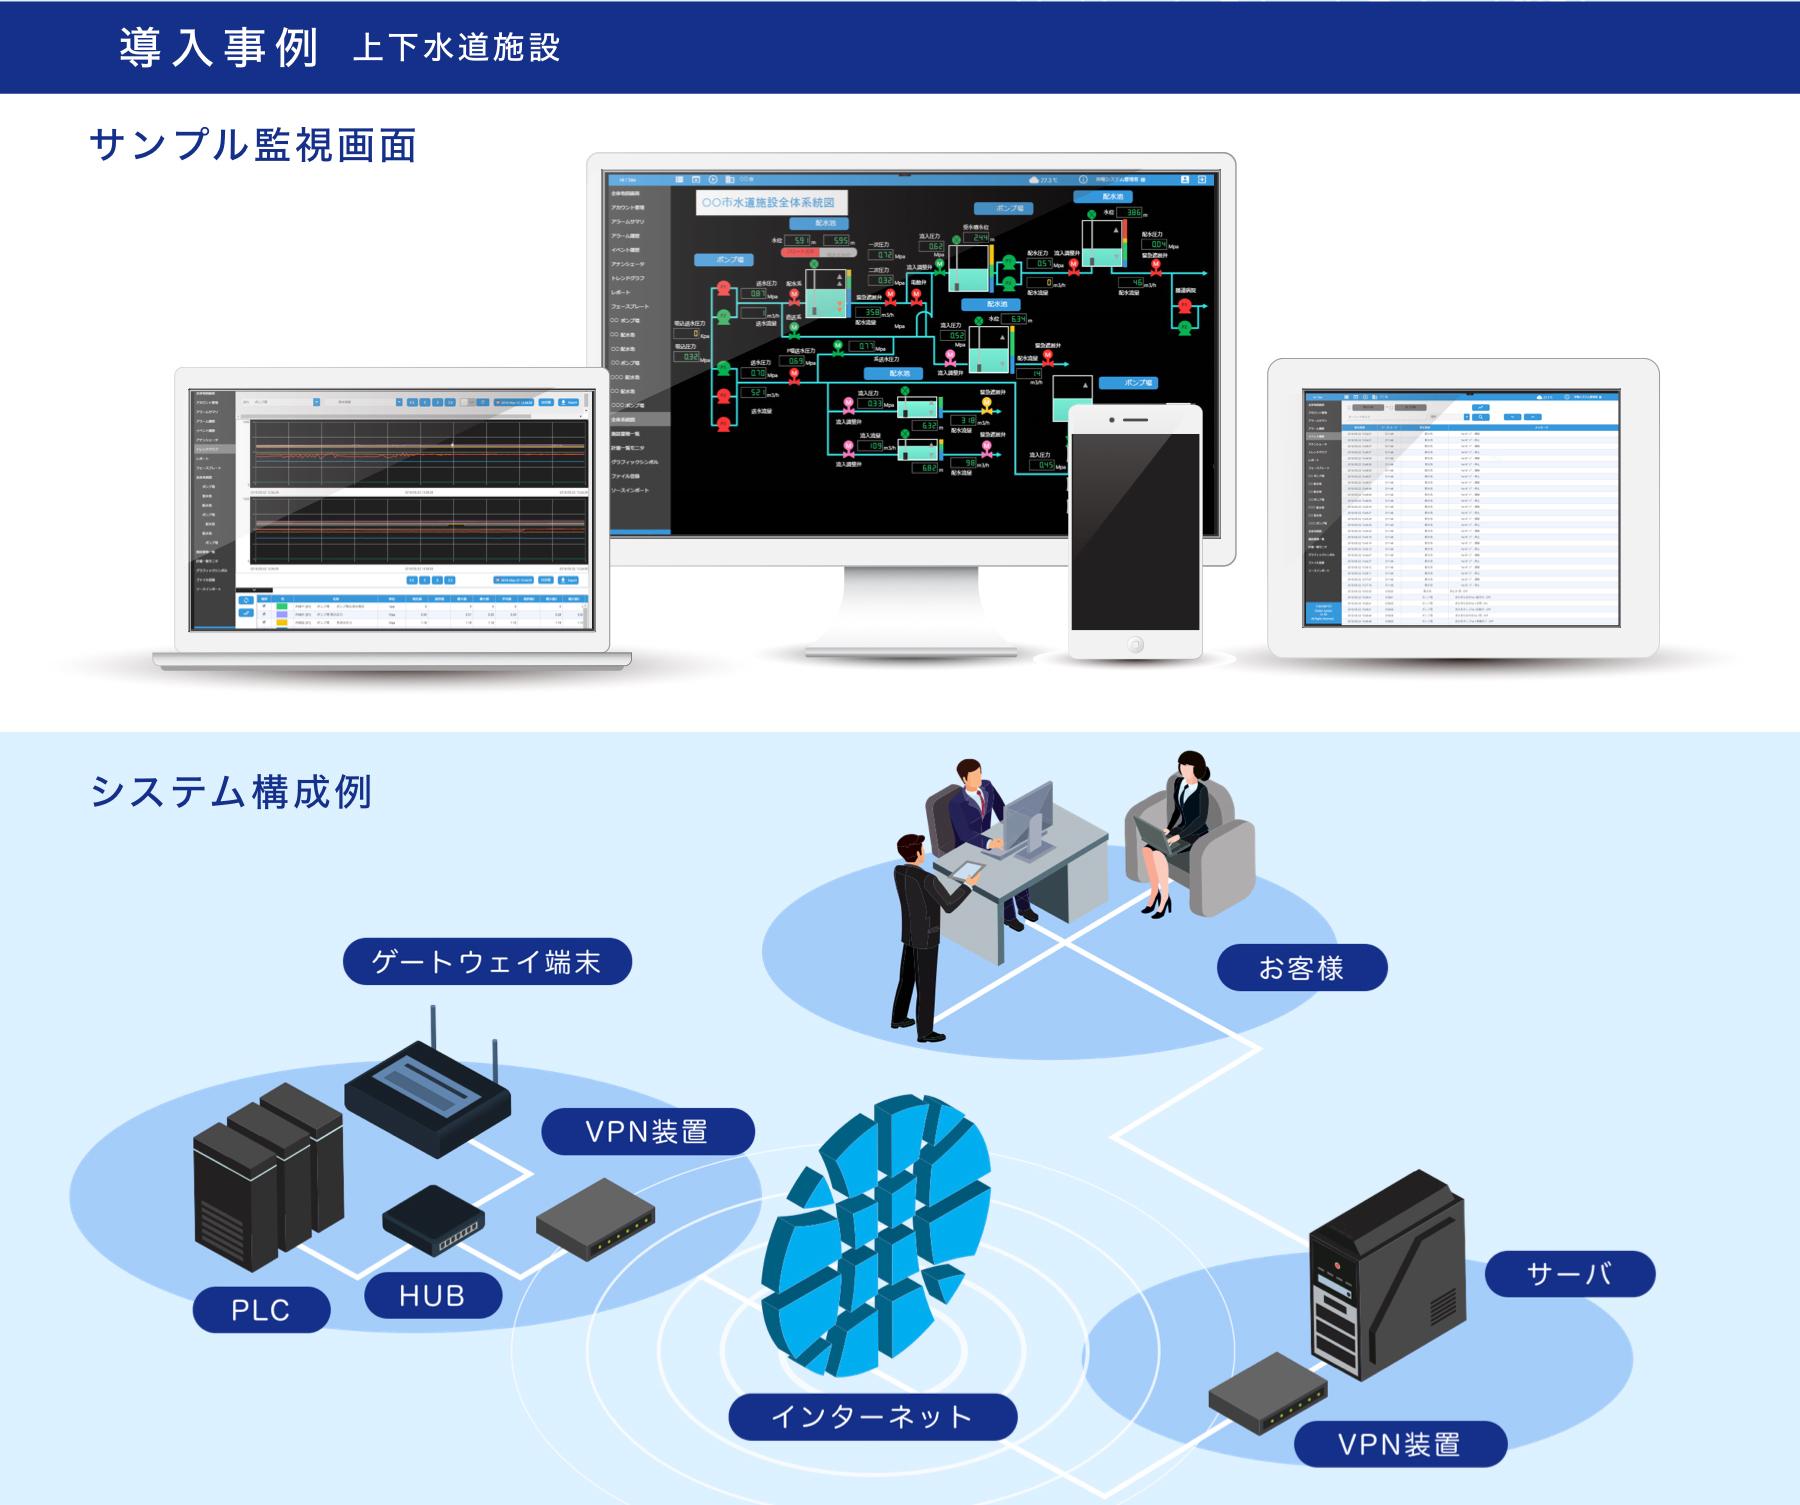 導入事例・サンプロ監視画面・システム構成例